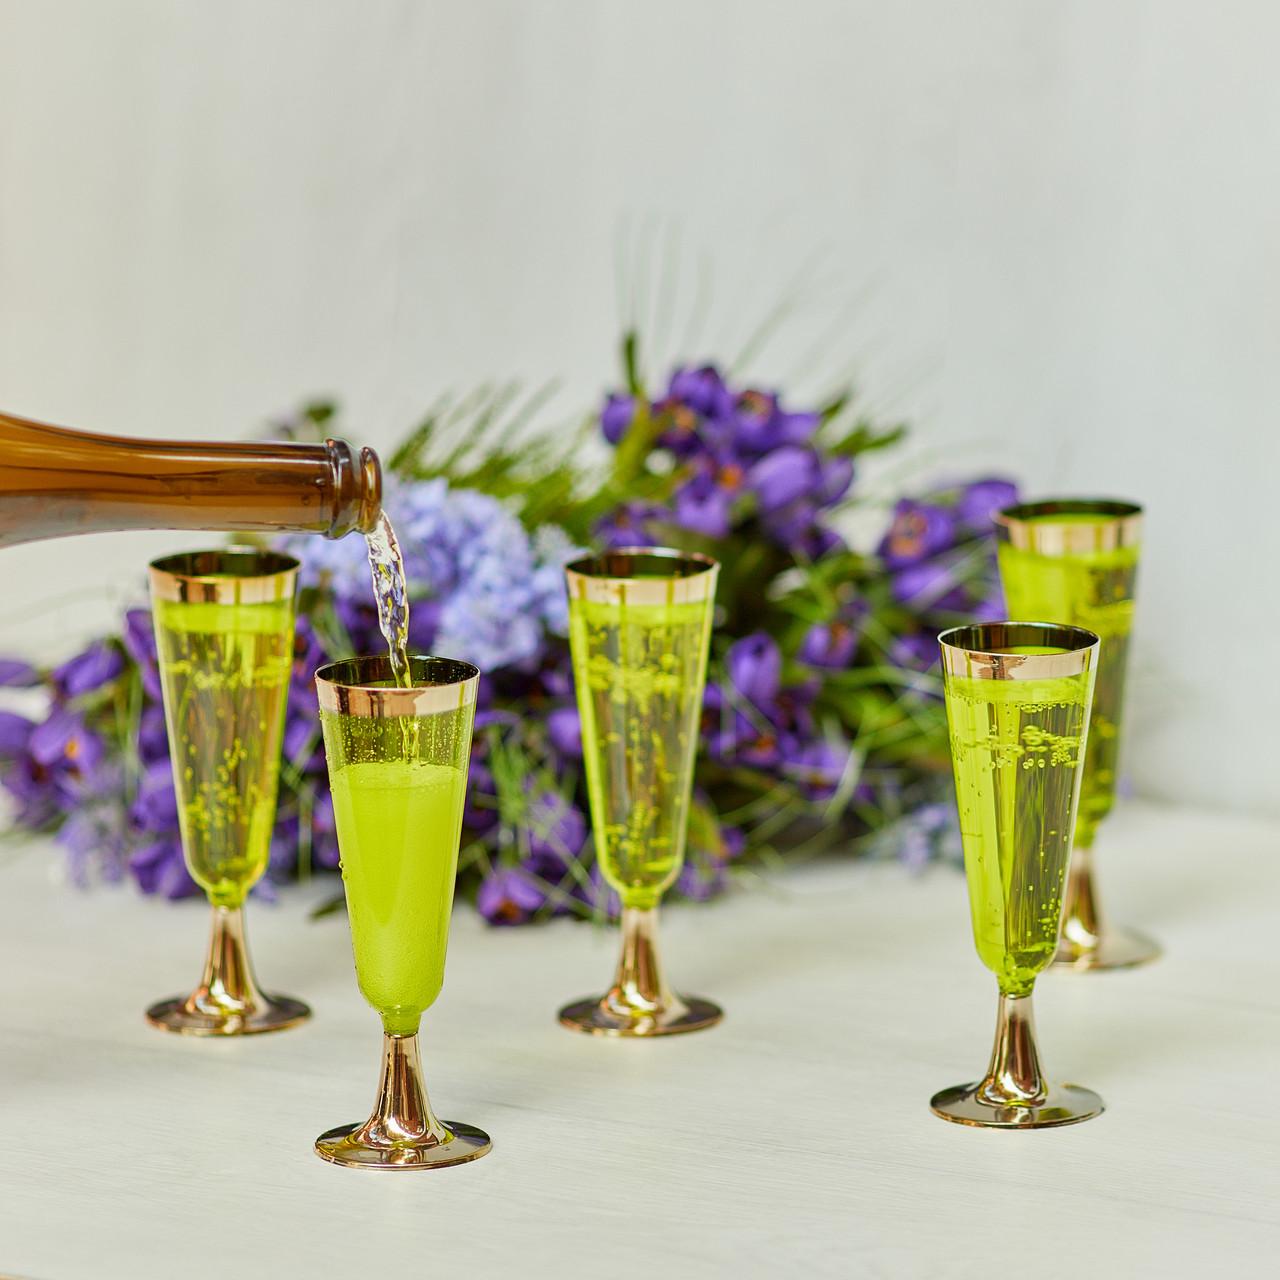 Бокал одноразовый для шампанского стеклопластик 6 шт 130 мл Capital For People.